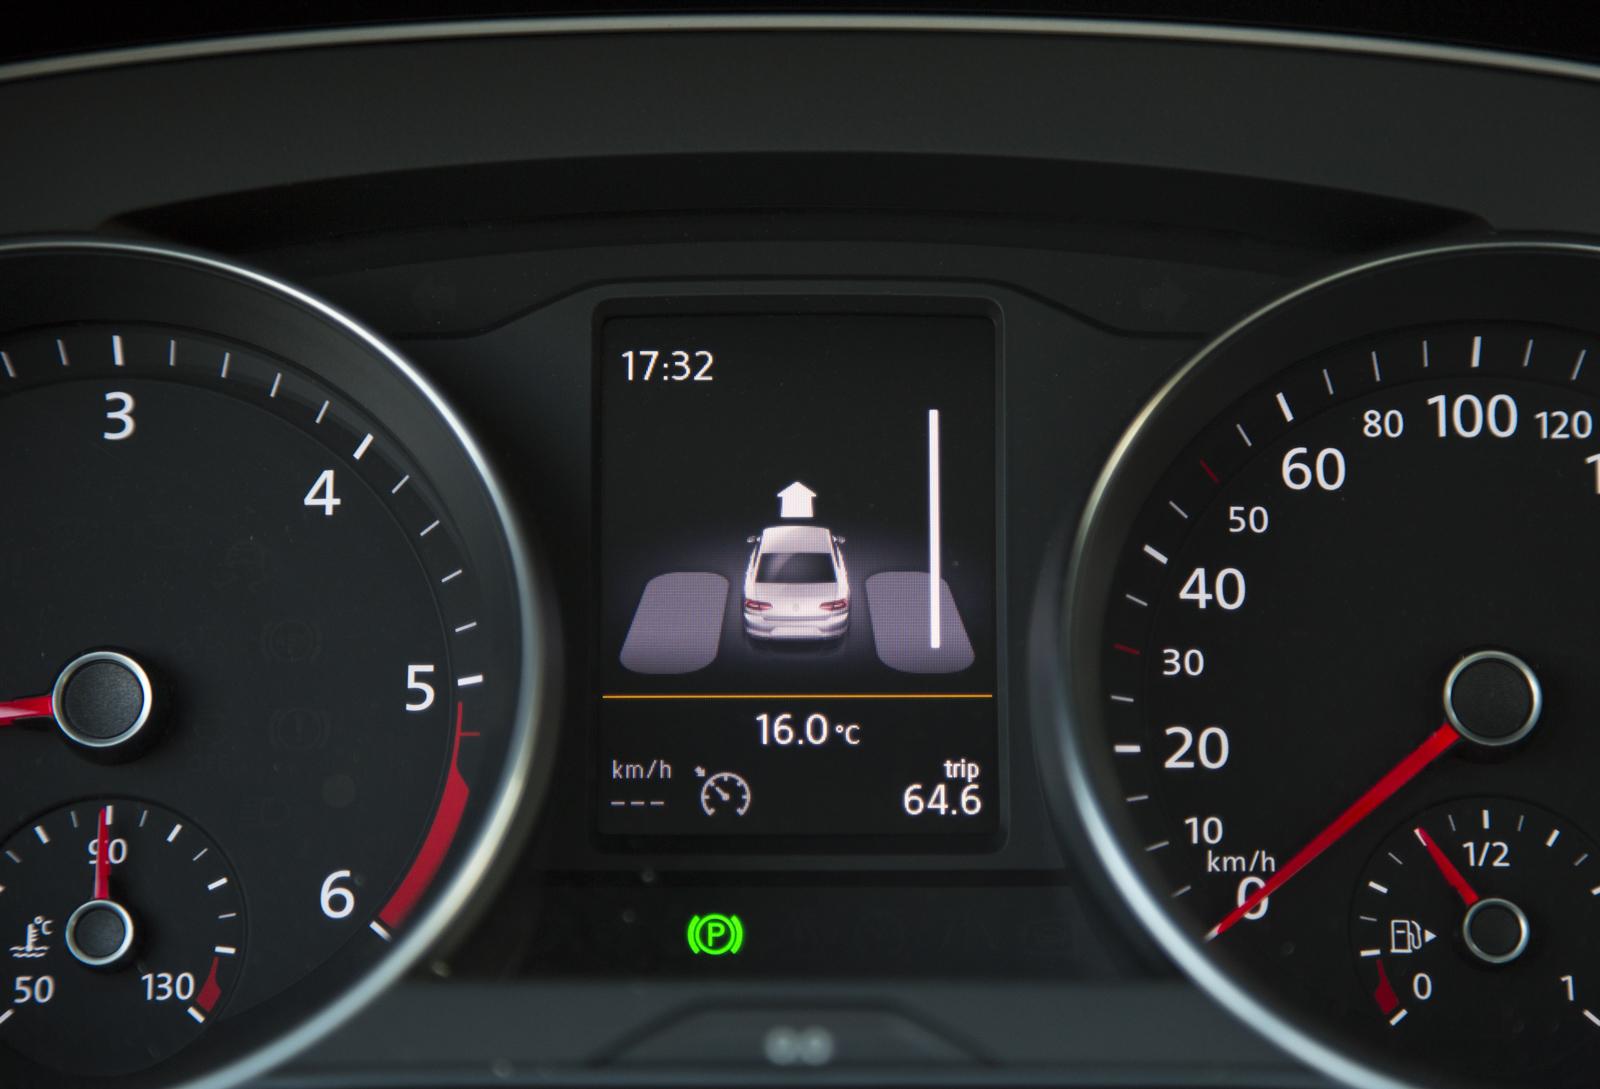 Test_Drive_VW_Passat_1.6_TDI_55